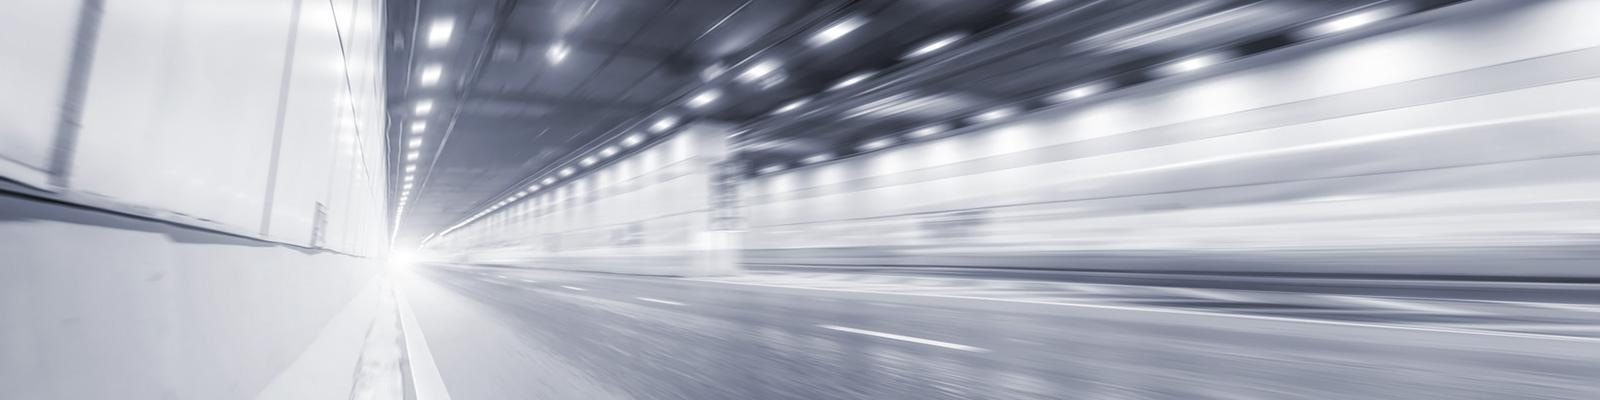 通信 交通 高速 イメージ